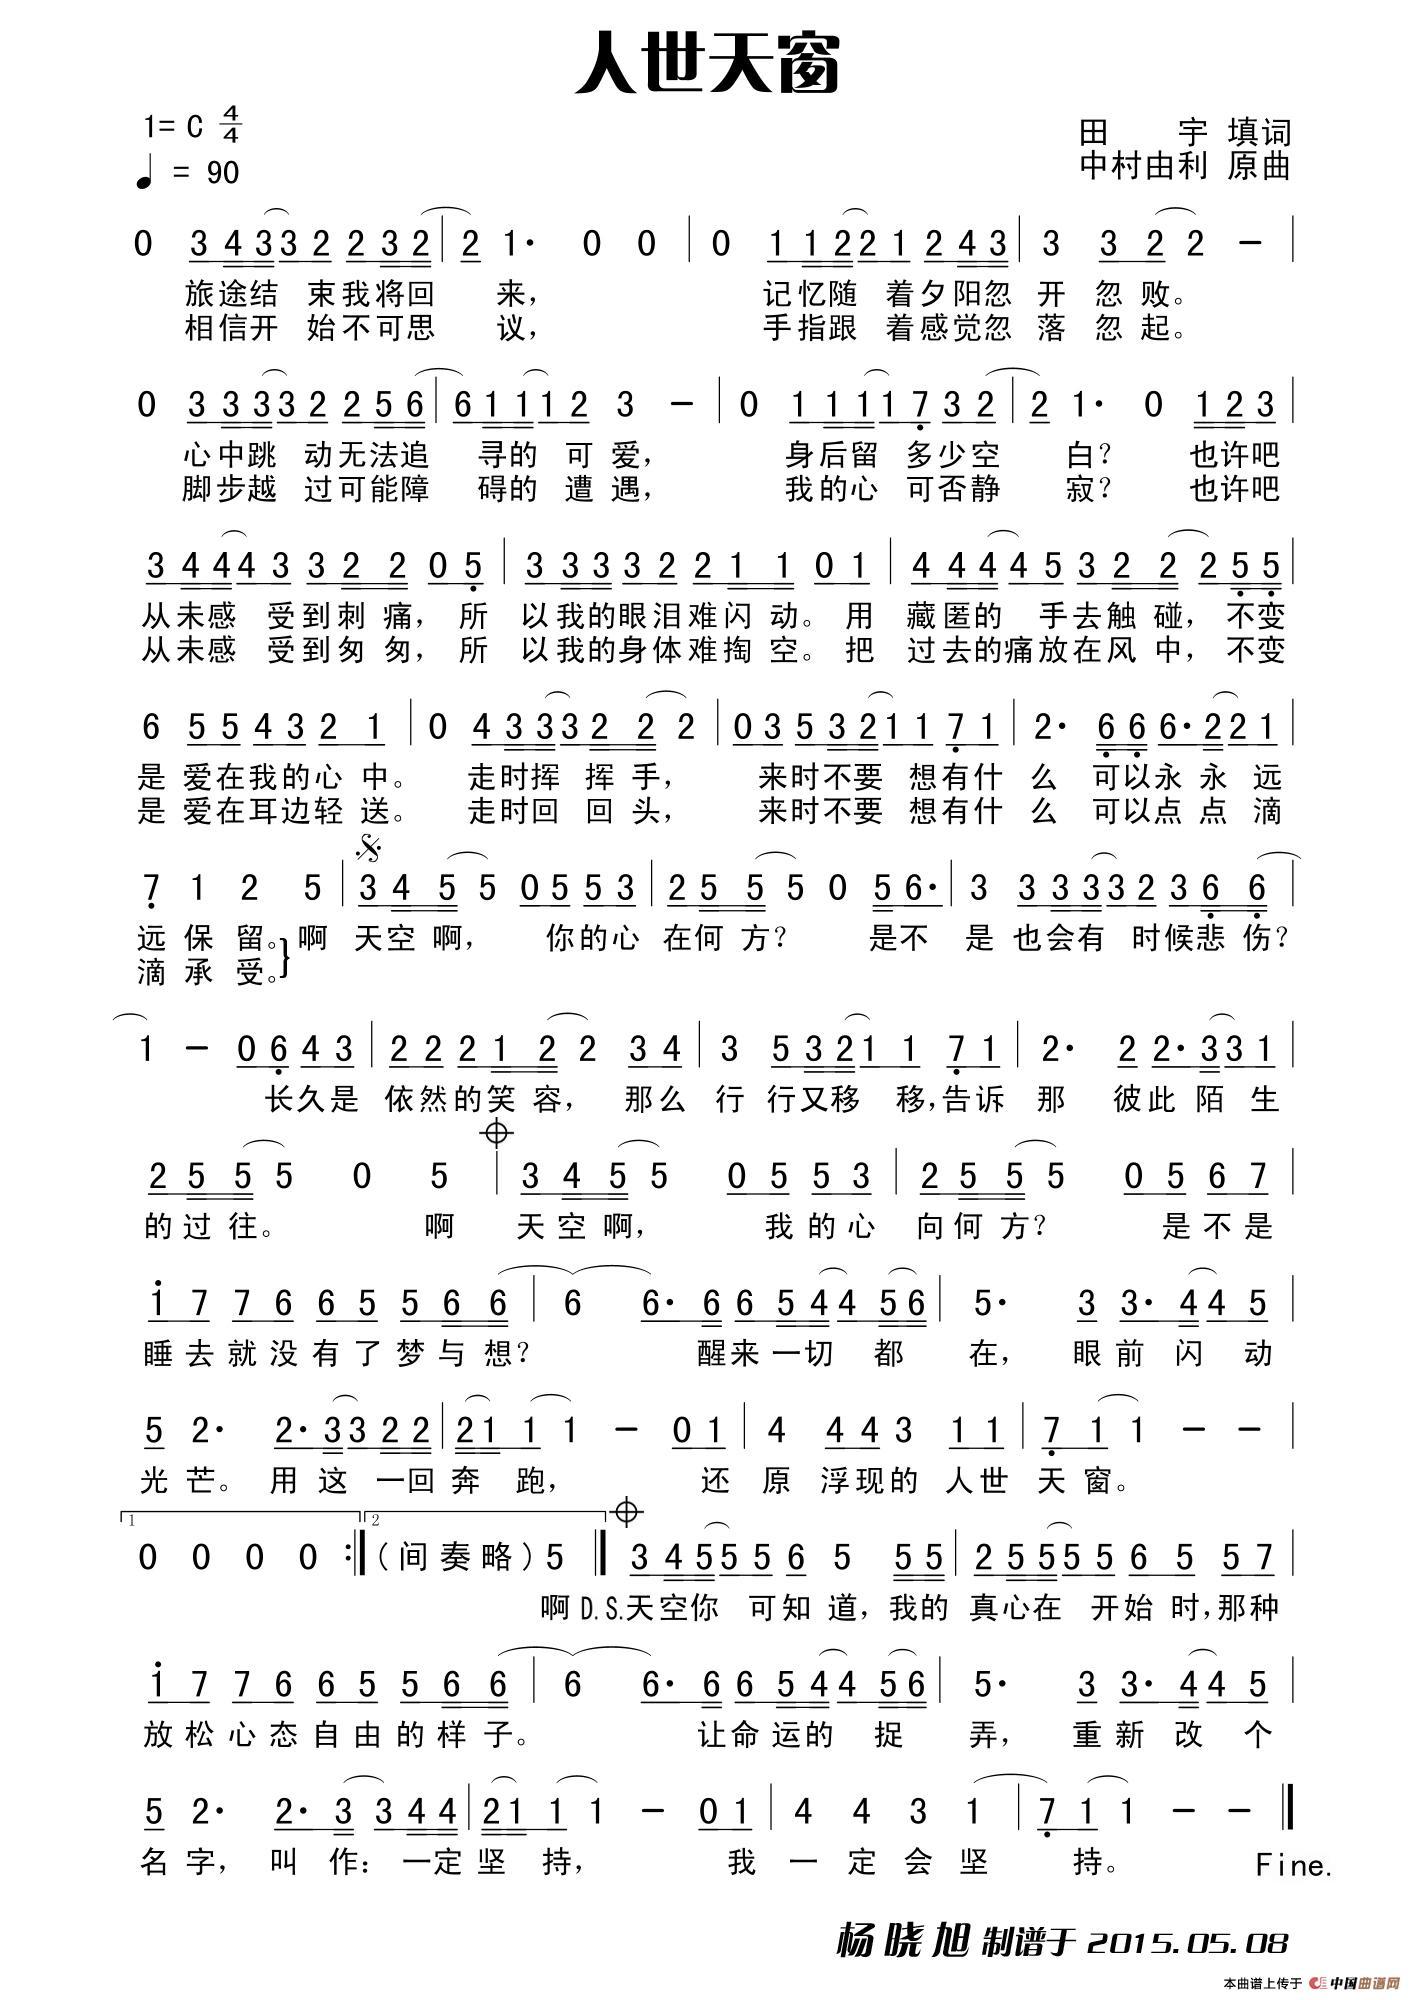 人世天窗简谱(名侦探柯南主题曲《忘れ咲き》中文版本